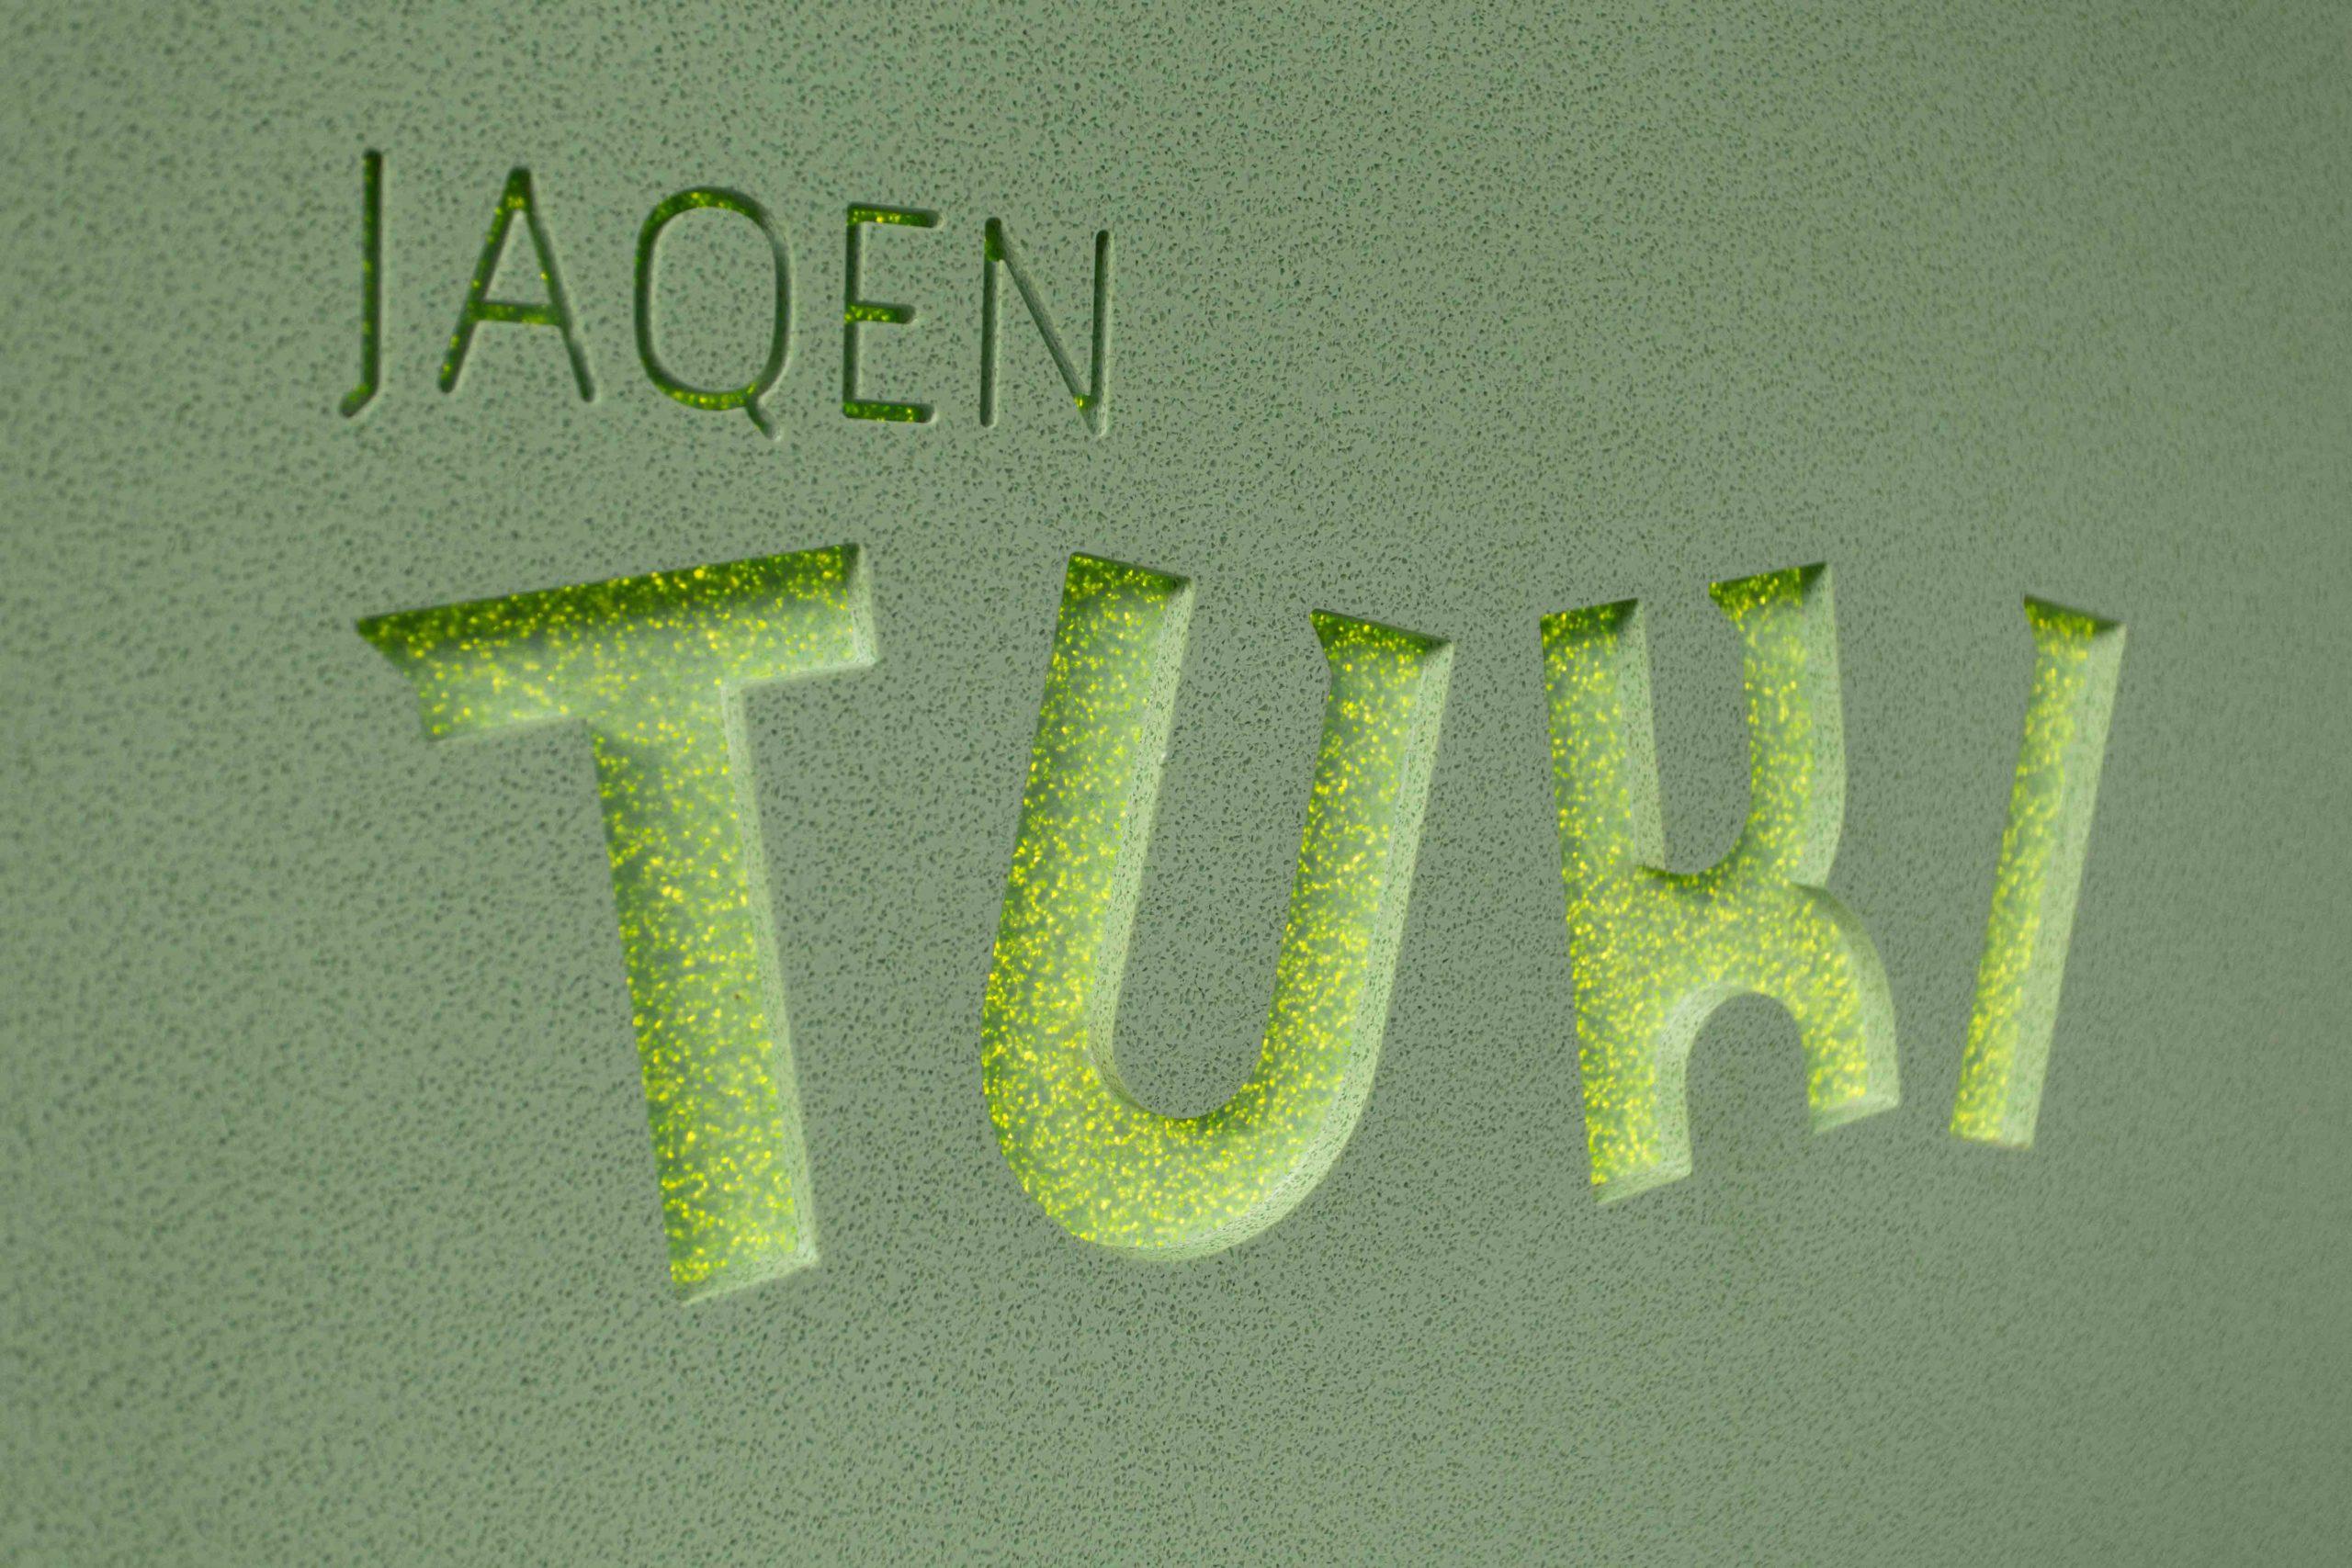 Logo jaqen tuki